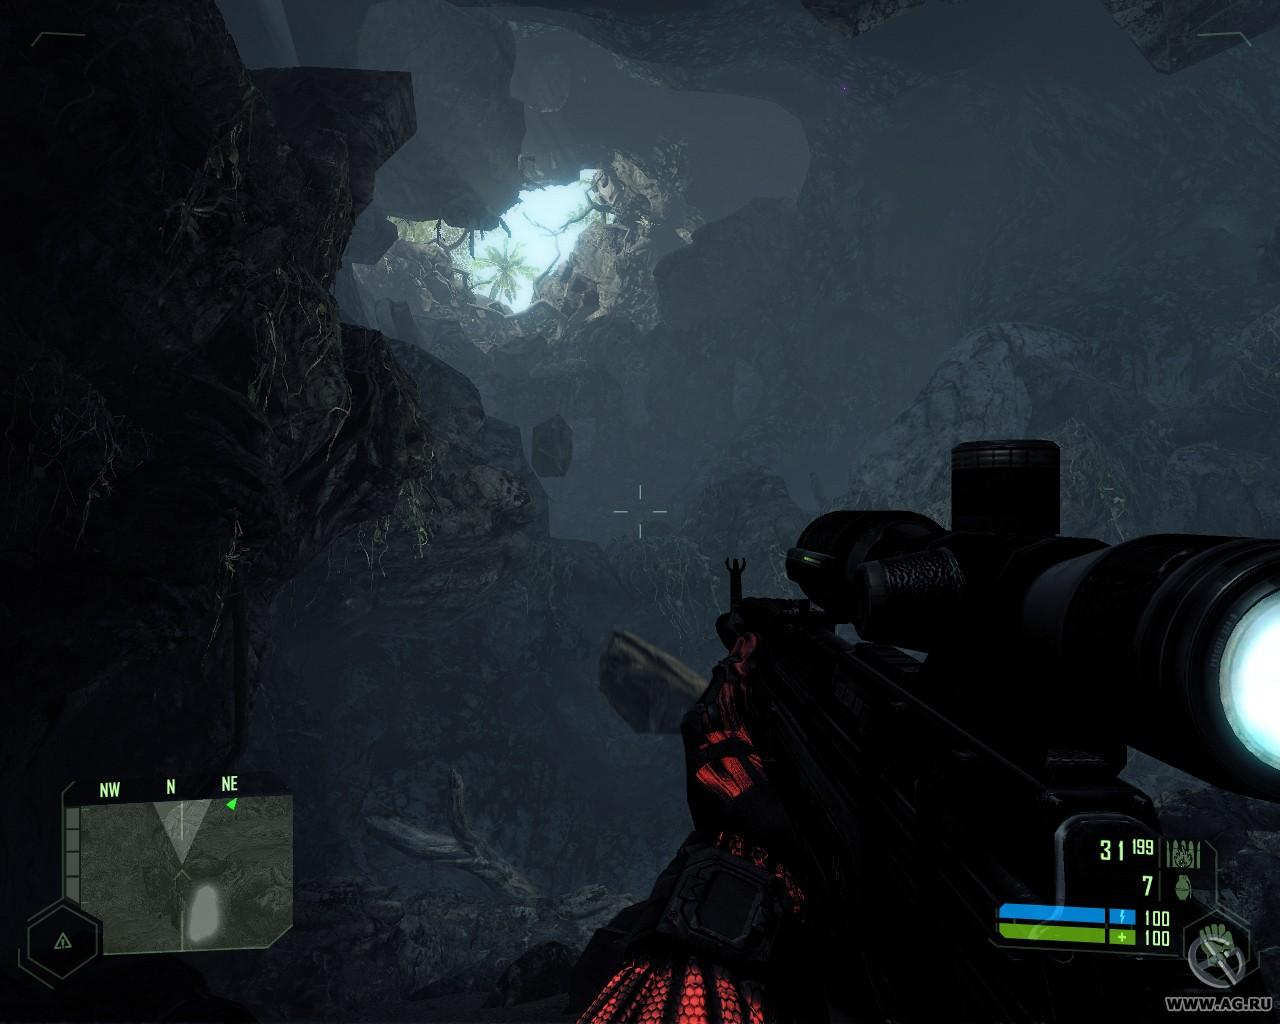 Crack Resident Evil 6 скачать торрент - картинка 2